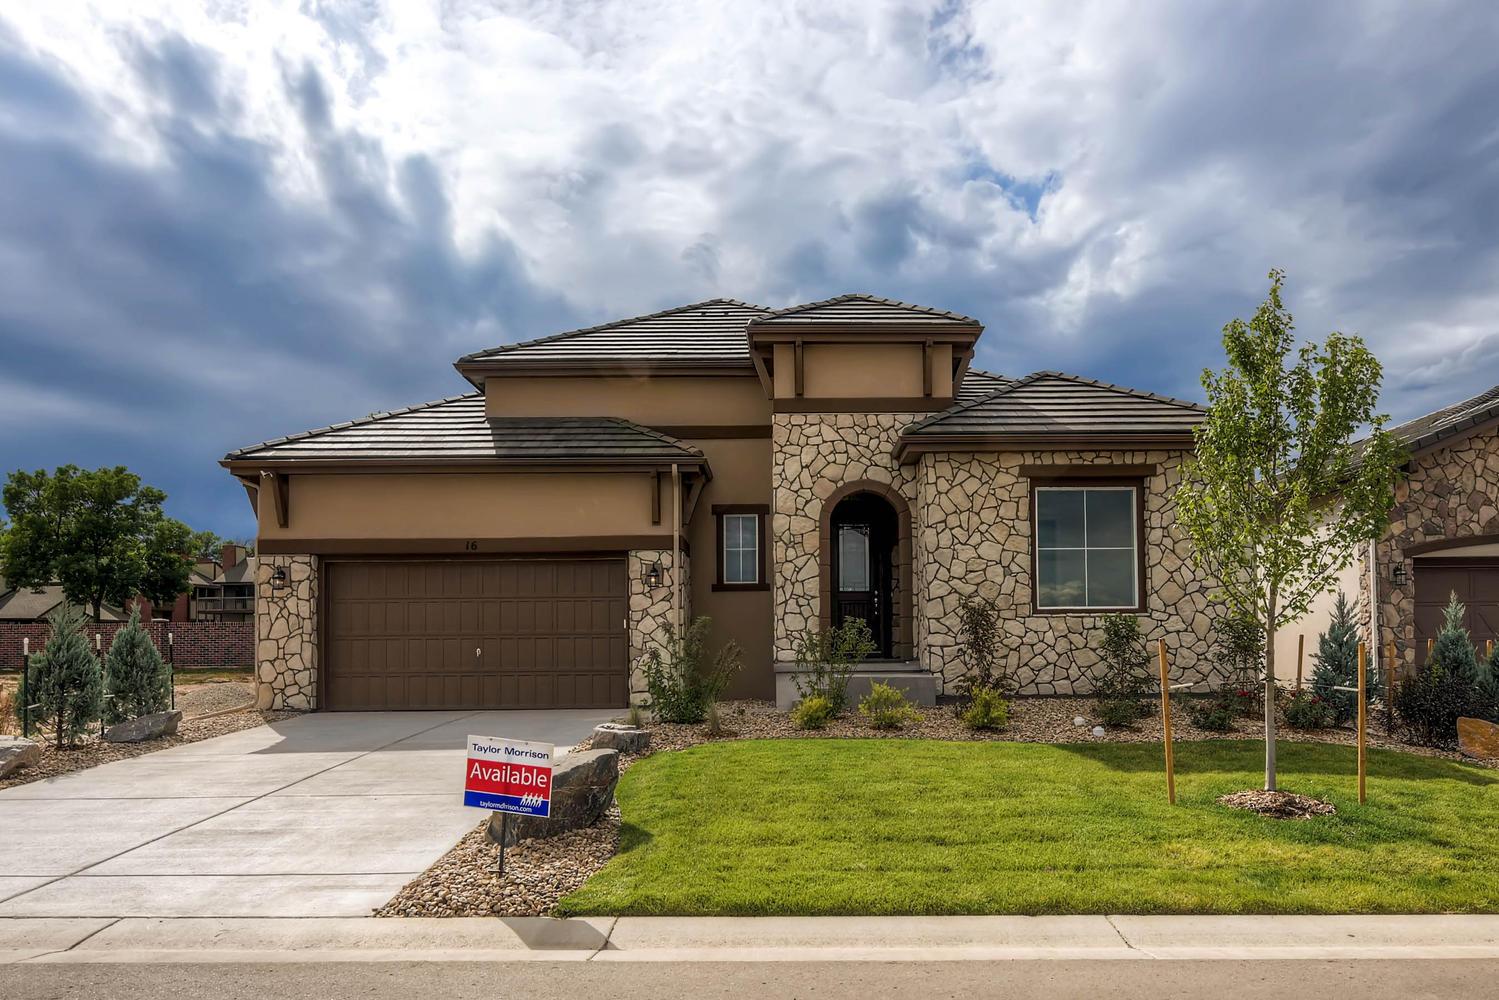 Brighton Real Estate- Brighton Homes For Sale - Brighton Colorado Real Estate Home Loans